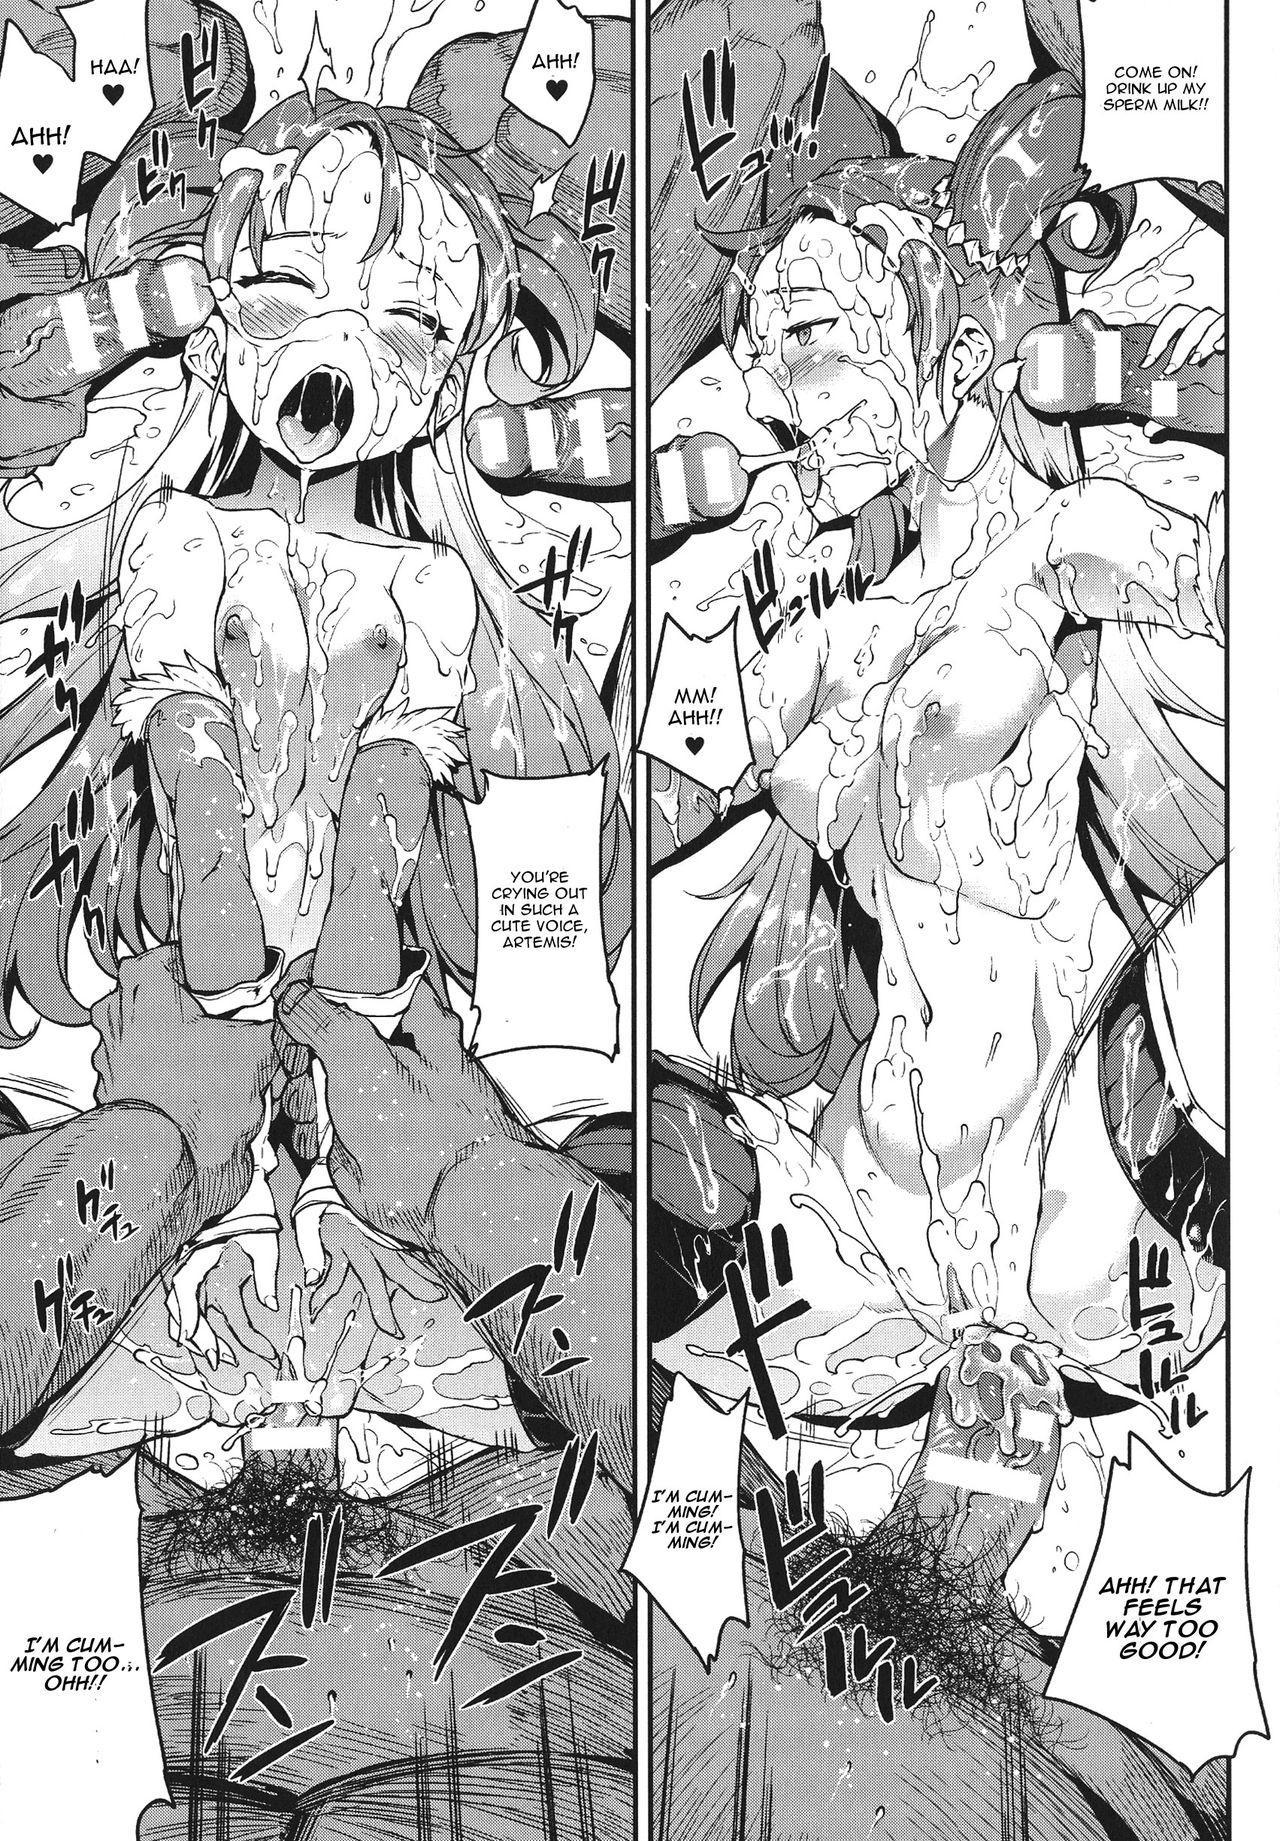 [Erect Sawaru] Raikou Shinki Igis Magia -PANDRA saga 3rd ignition- Ch. 1-6 [English] [CGrascal] 100